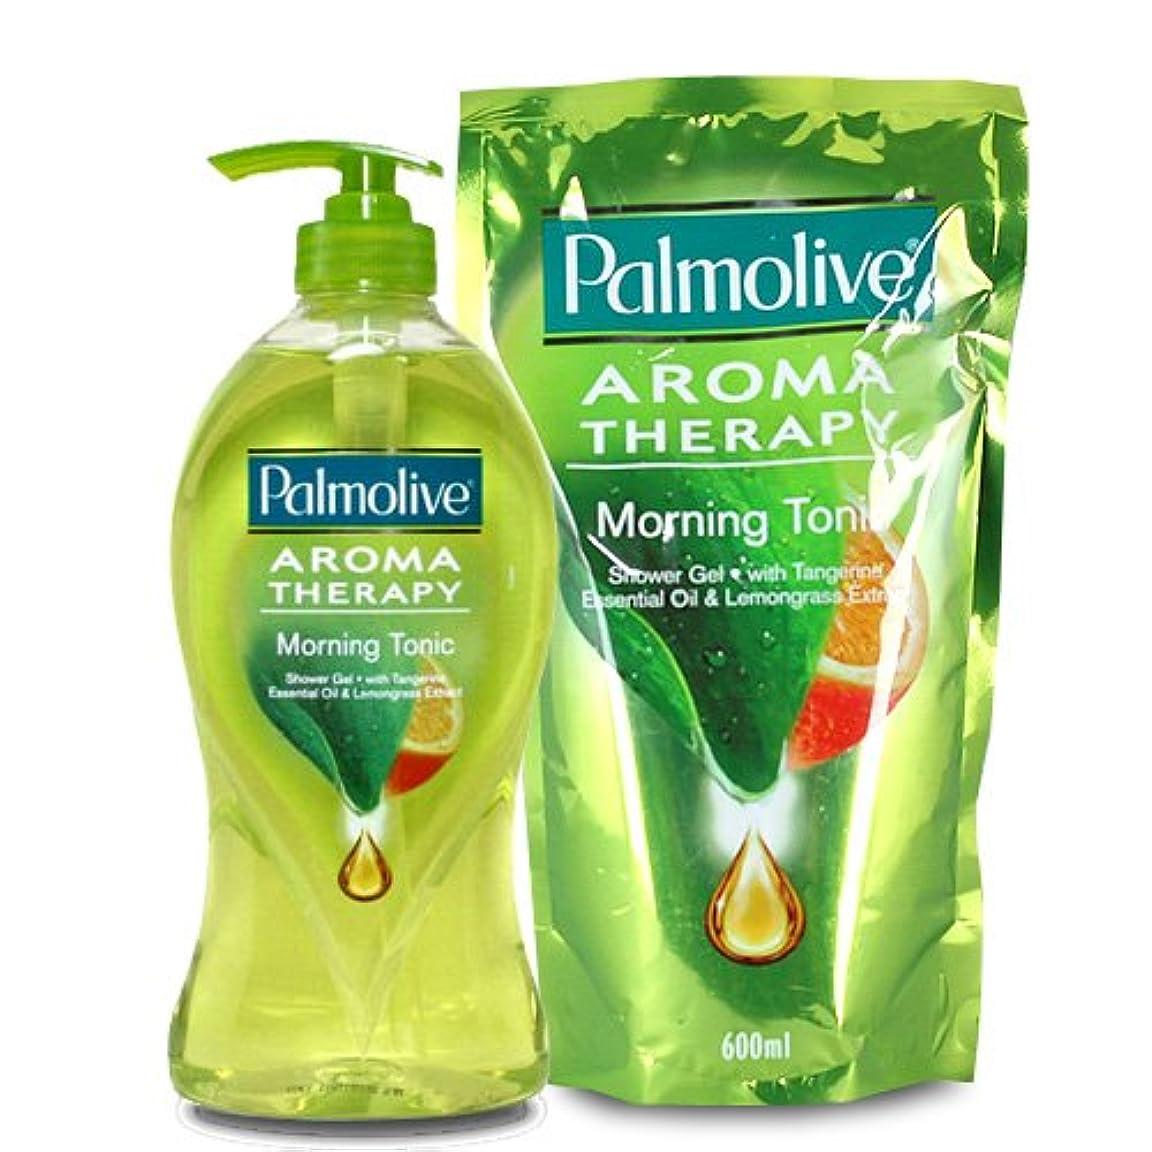 優れました雄弁な差別【Palmolive】パルモリーブ アロマセラピーシャワージェル ボトルと詰め替えのセット (モーニングトニック)